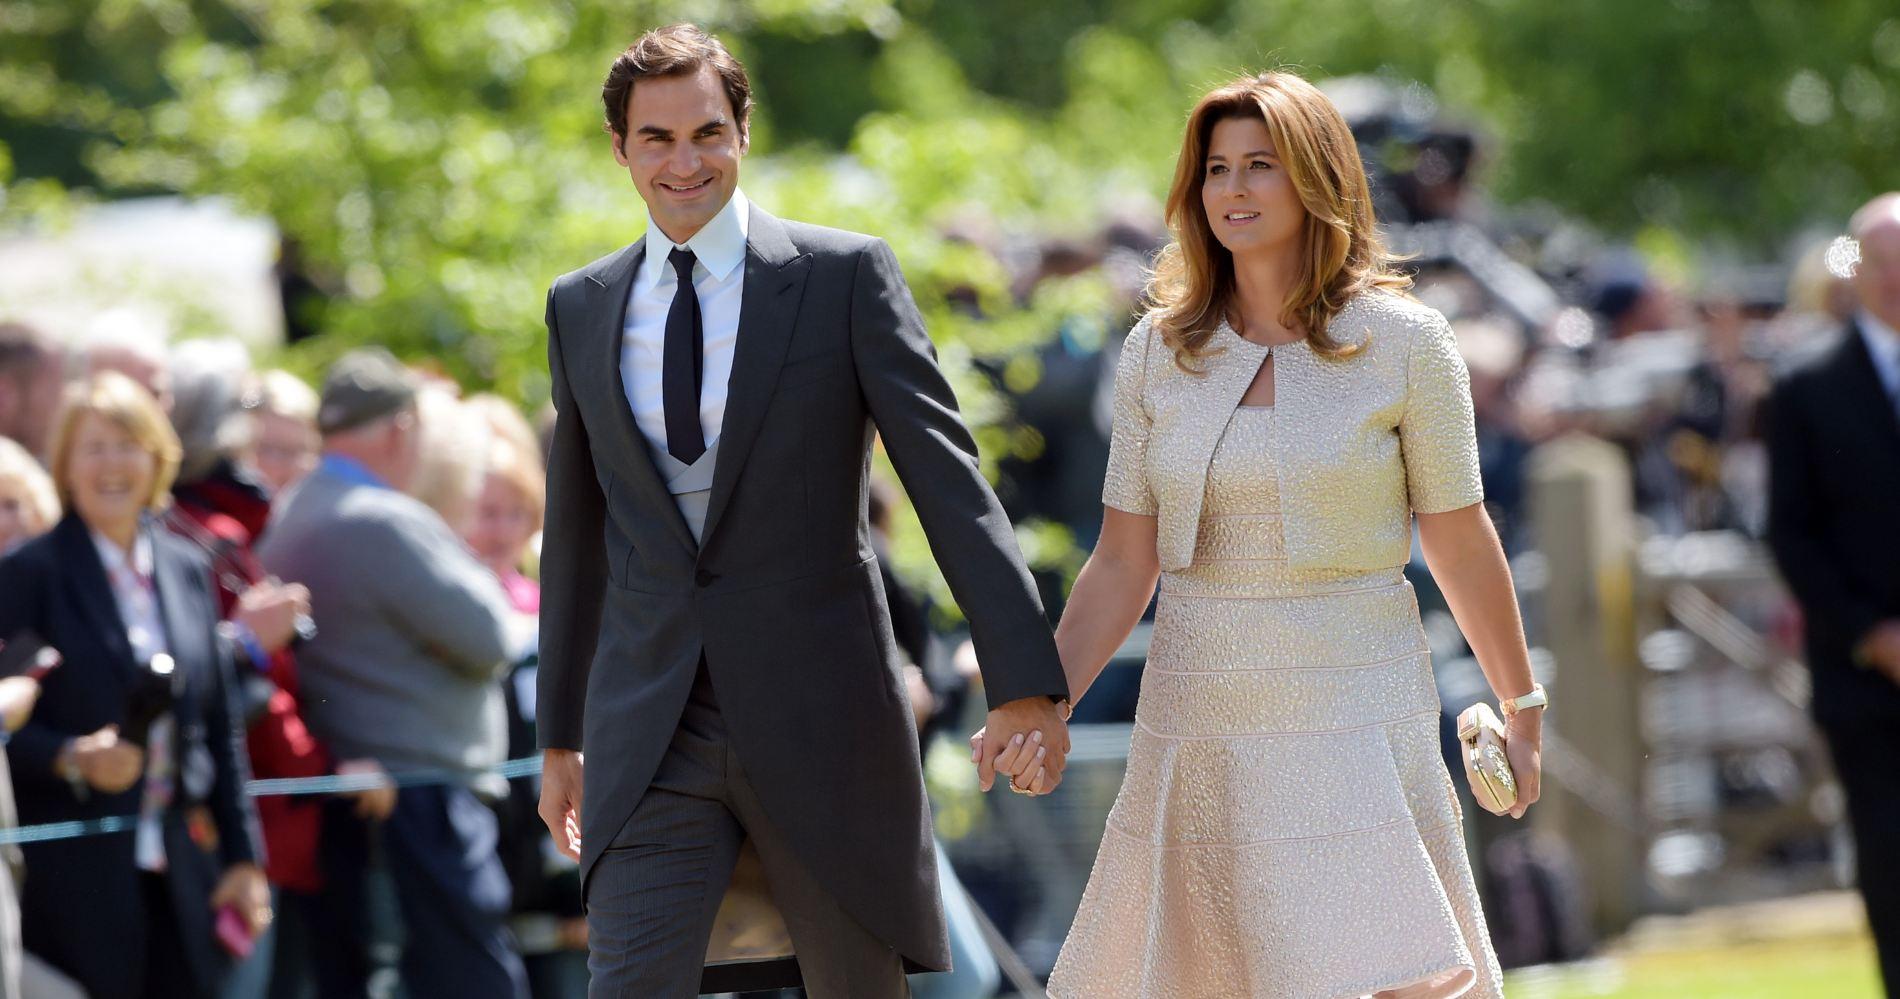 Mirk Vavrinec and Roger Federer